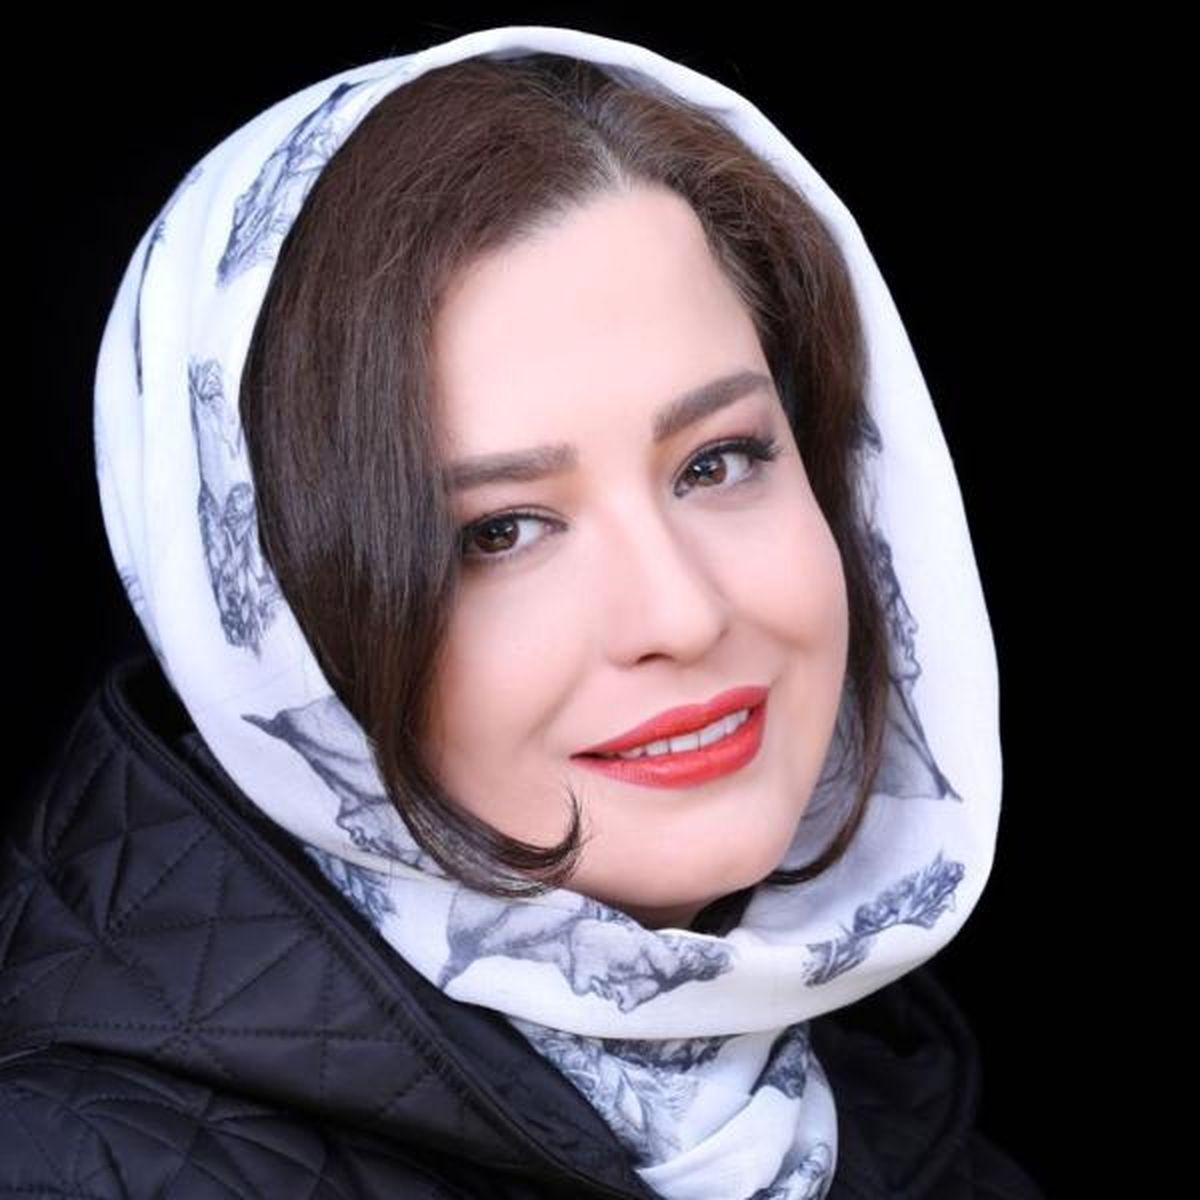 نامه عاشقانه مهراوه شریفی نیا برای معشوقش + فیلم